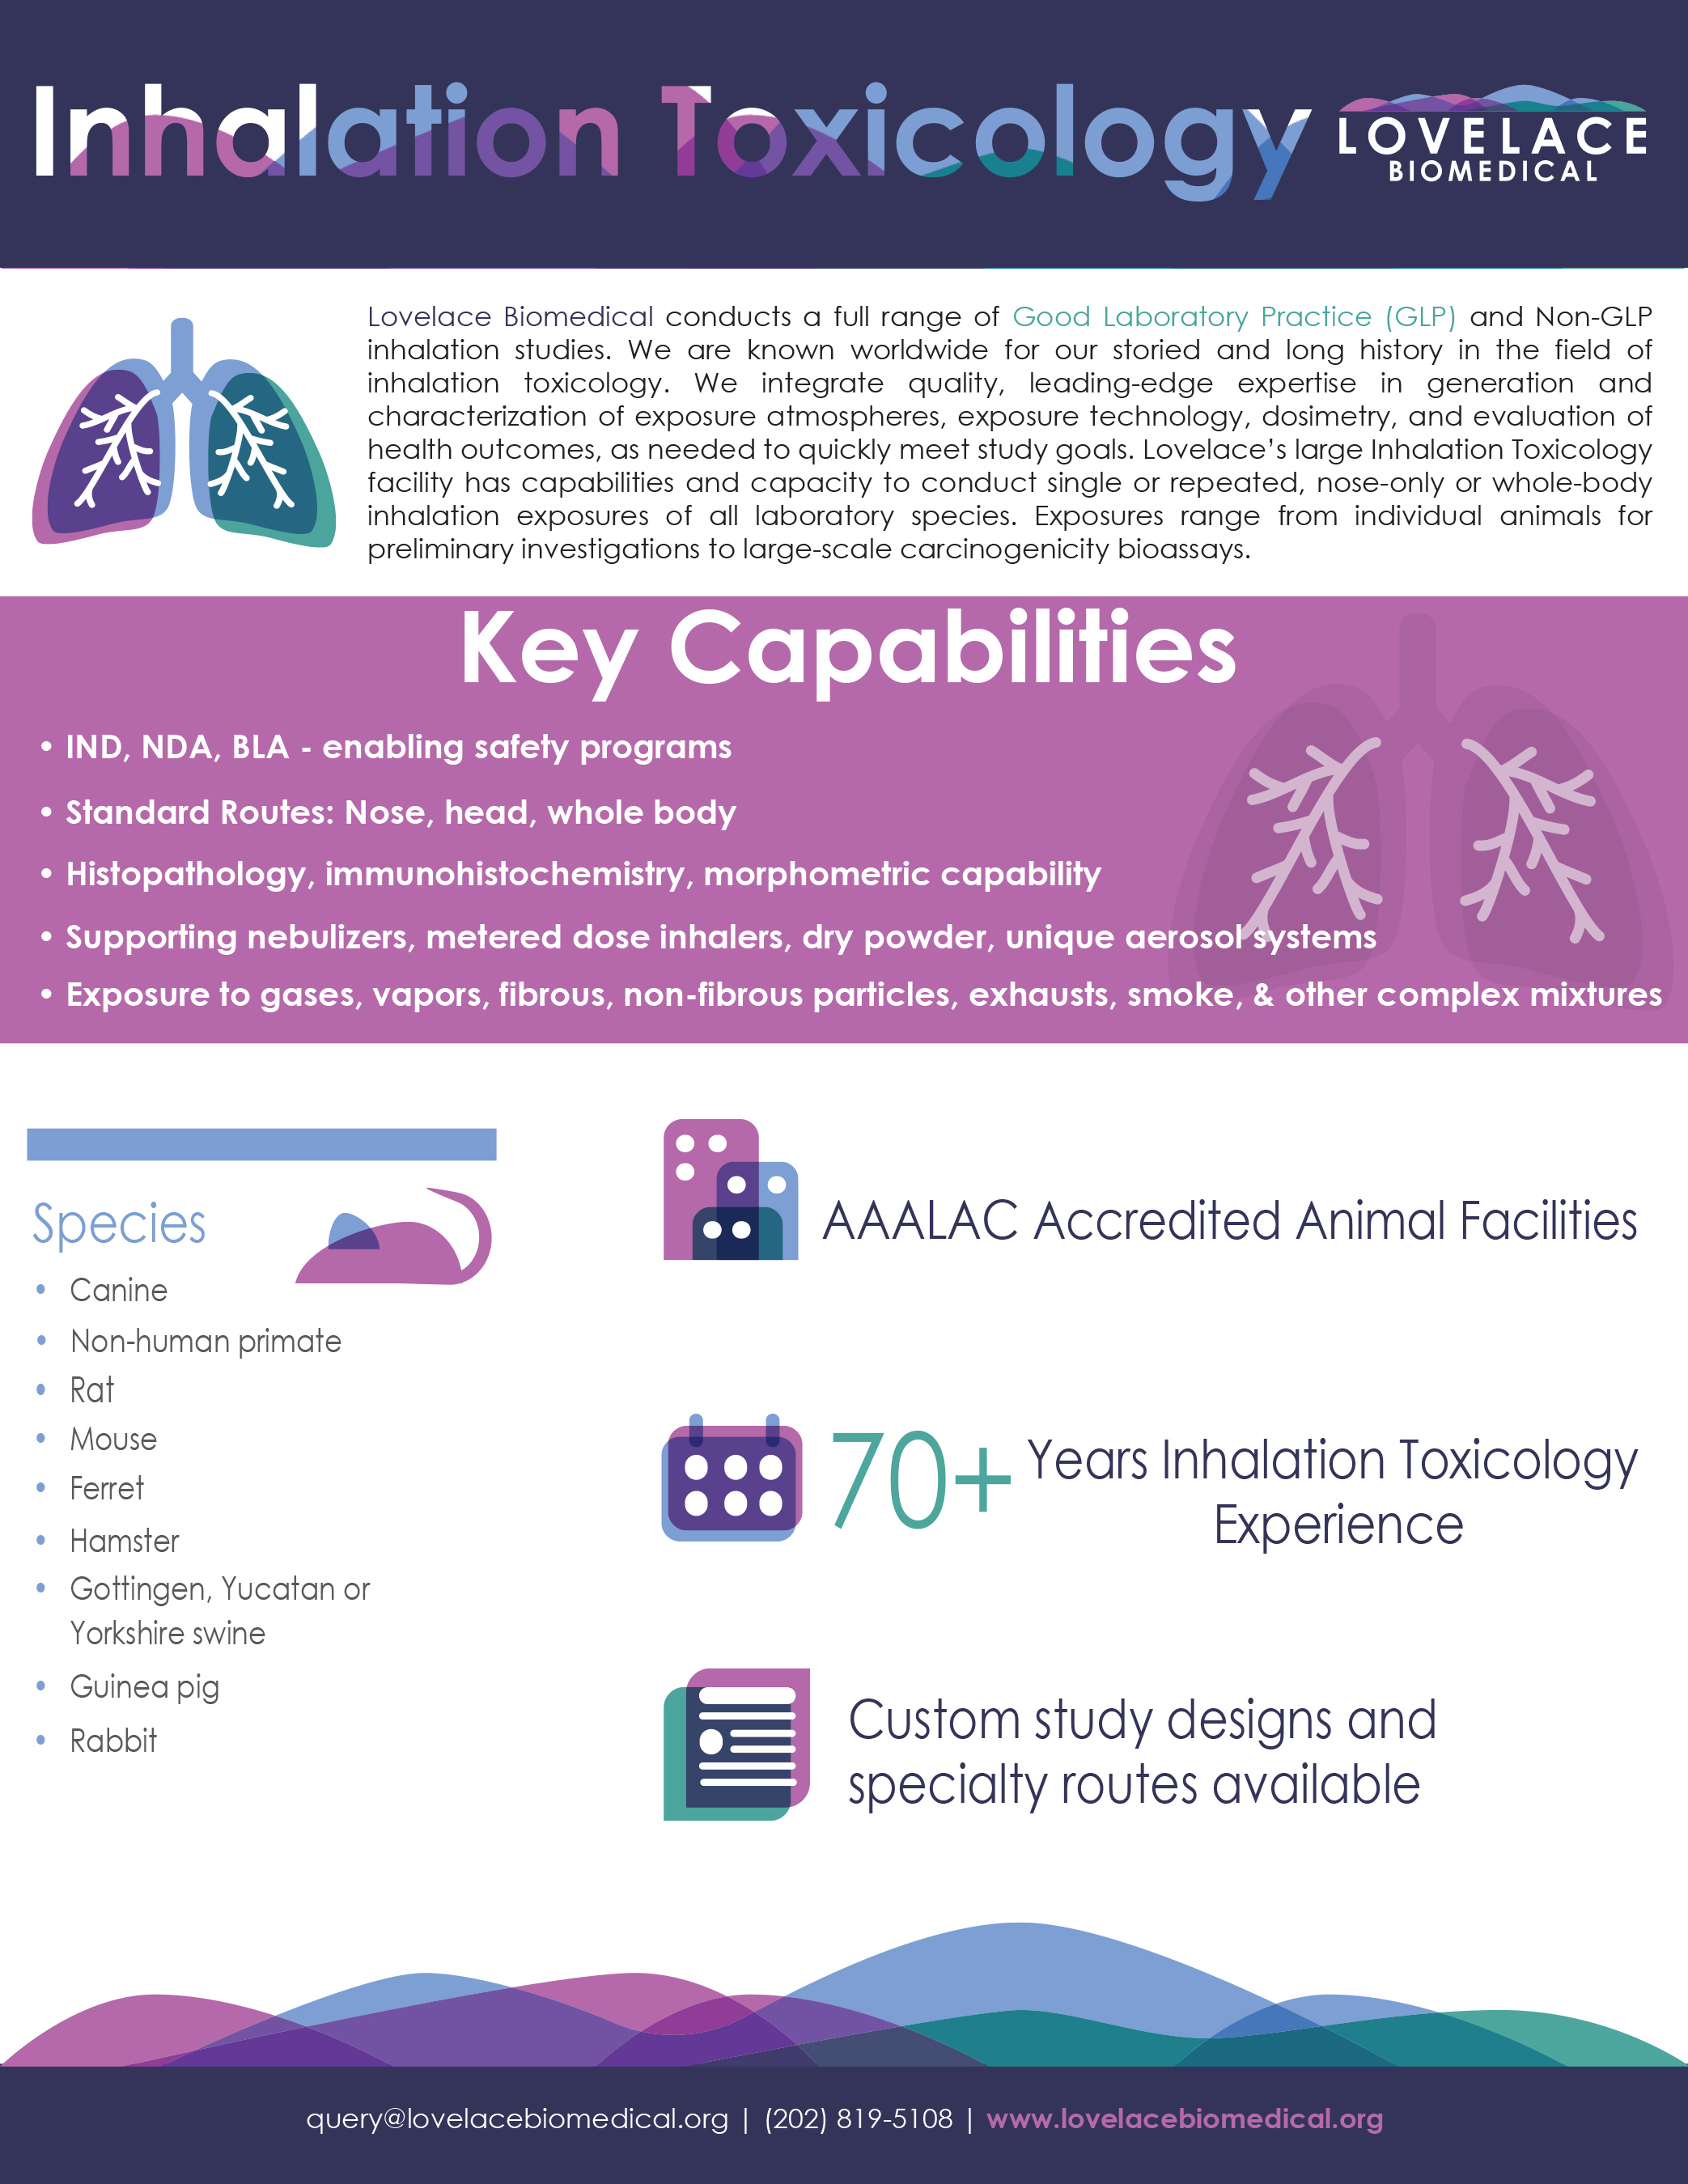 Inhalation Toxicology Fact Sheet